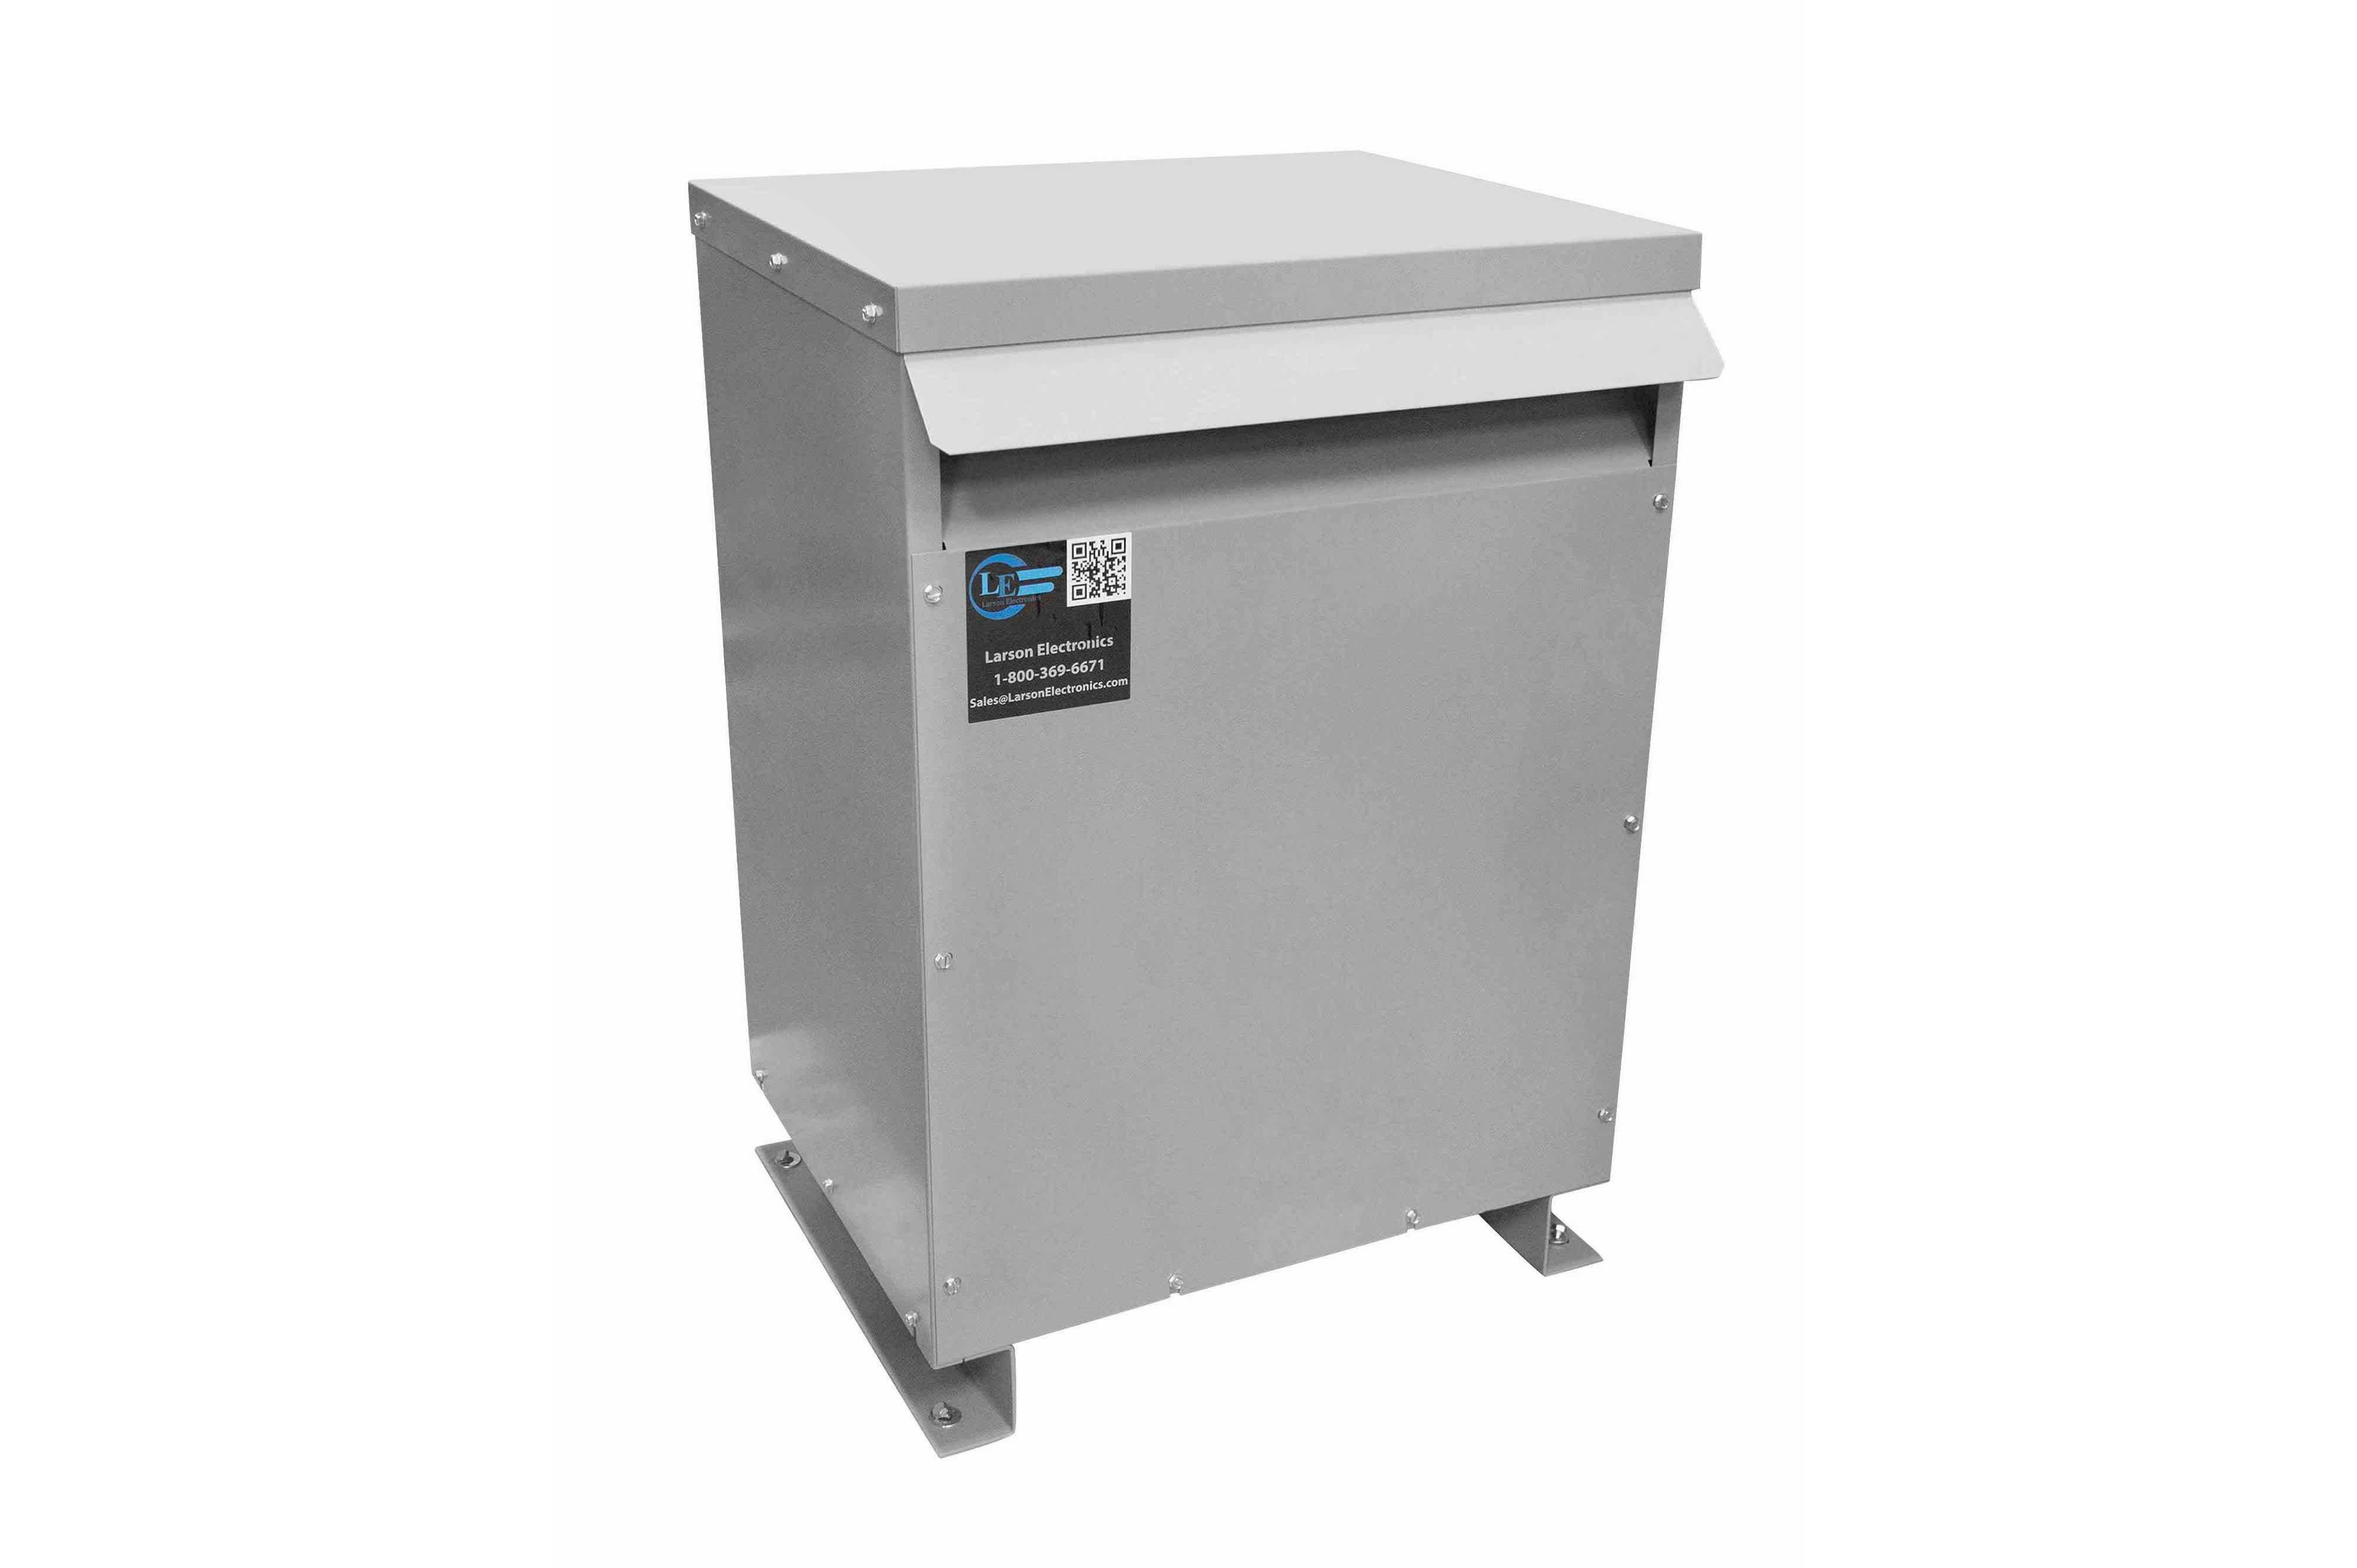 167 kVA 3PH Isolation Transformer, 600V Delta Primary, 460V Delta Secondary, N3R, Ventilated, 60 Hz